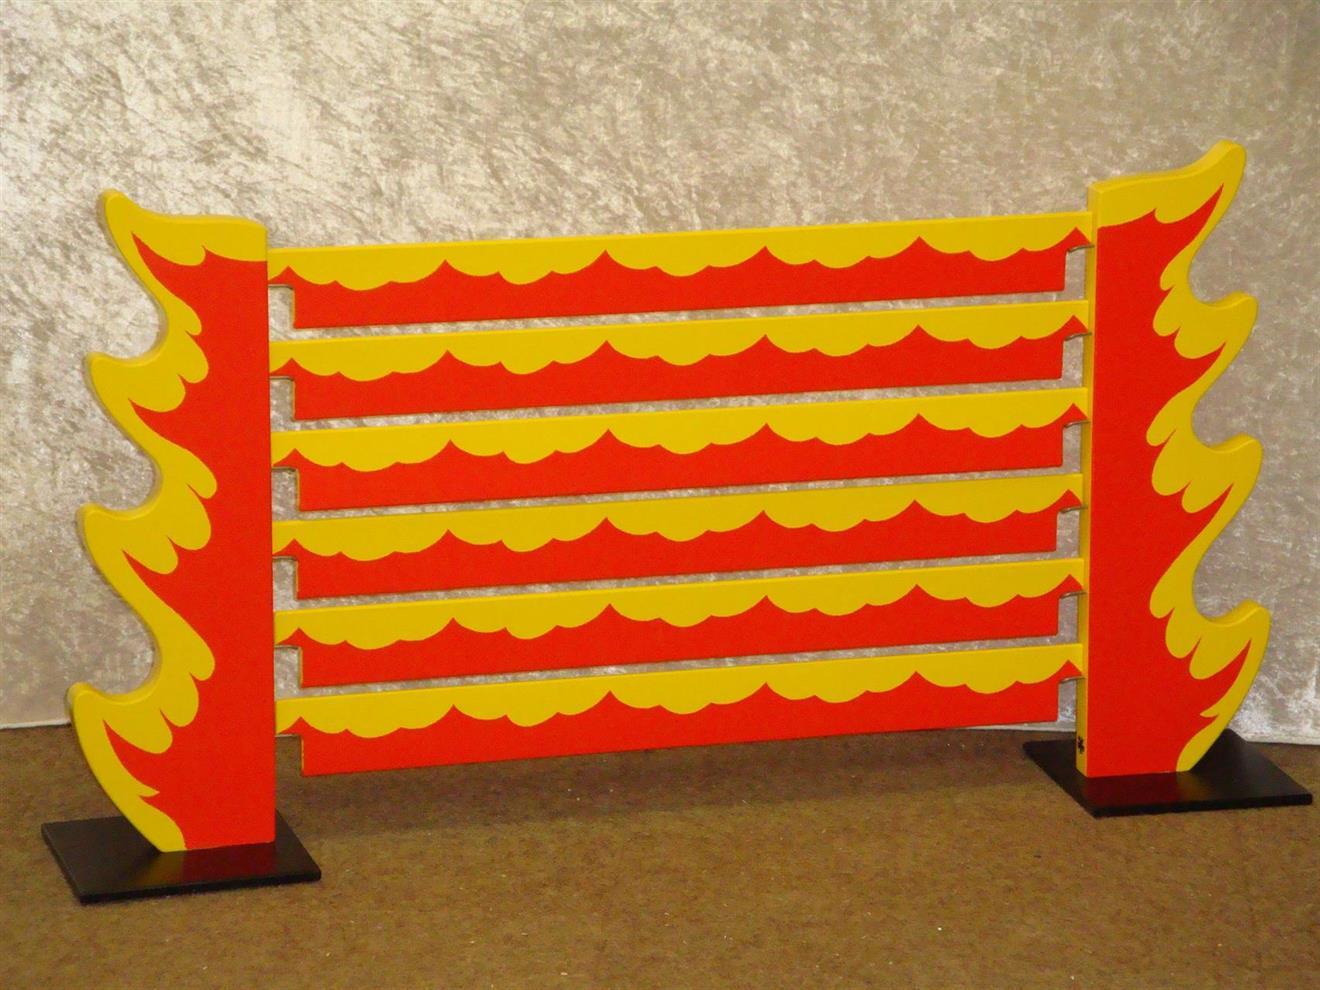 Flamman med plank